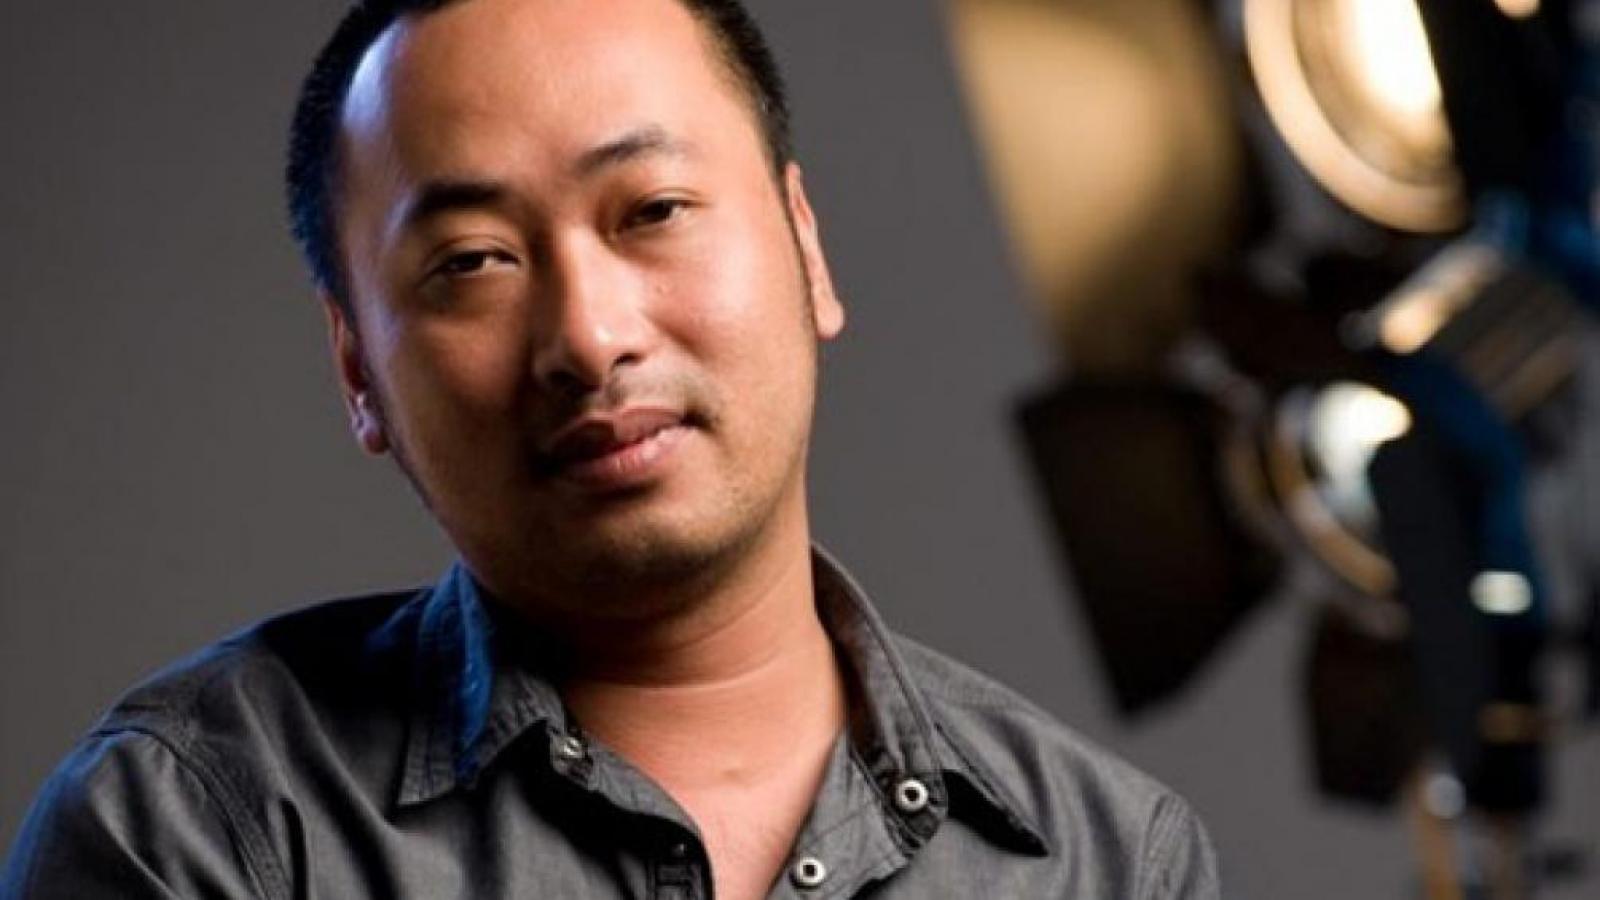 Phát ngôn đề xuất CSGT làm shipper mùa dịch của đạo diễn Nguyễn Quang Dũng gây tranh cãi